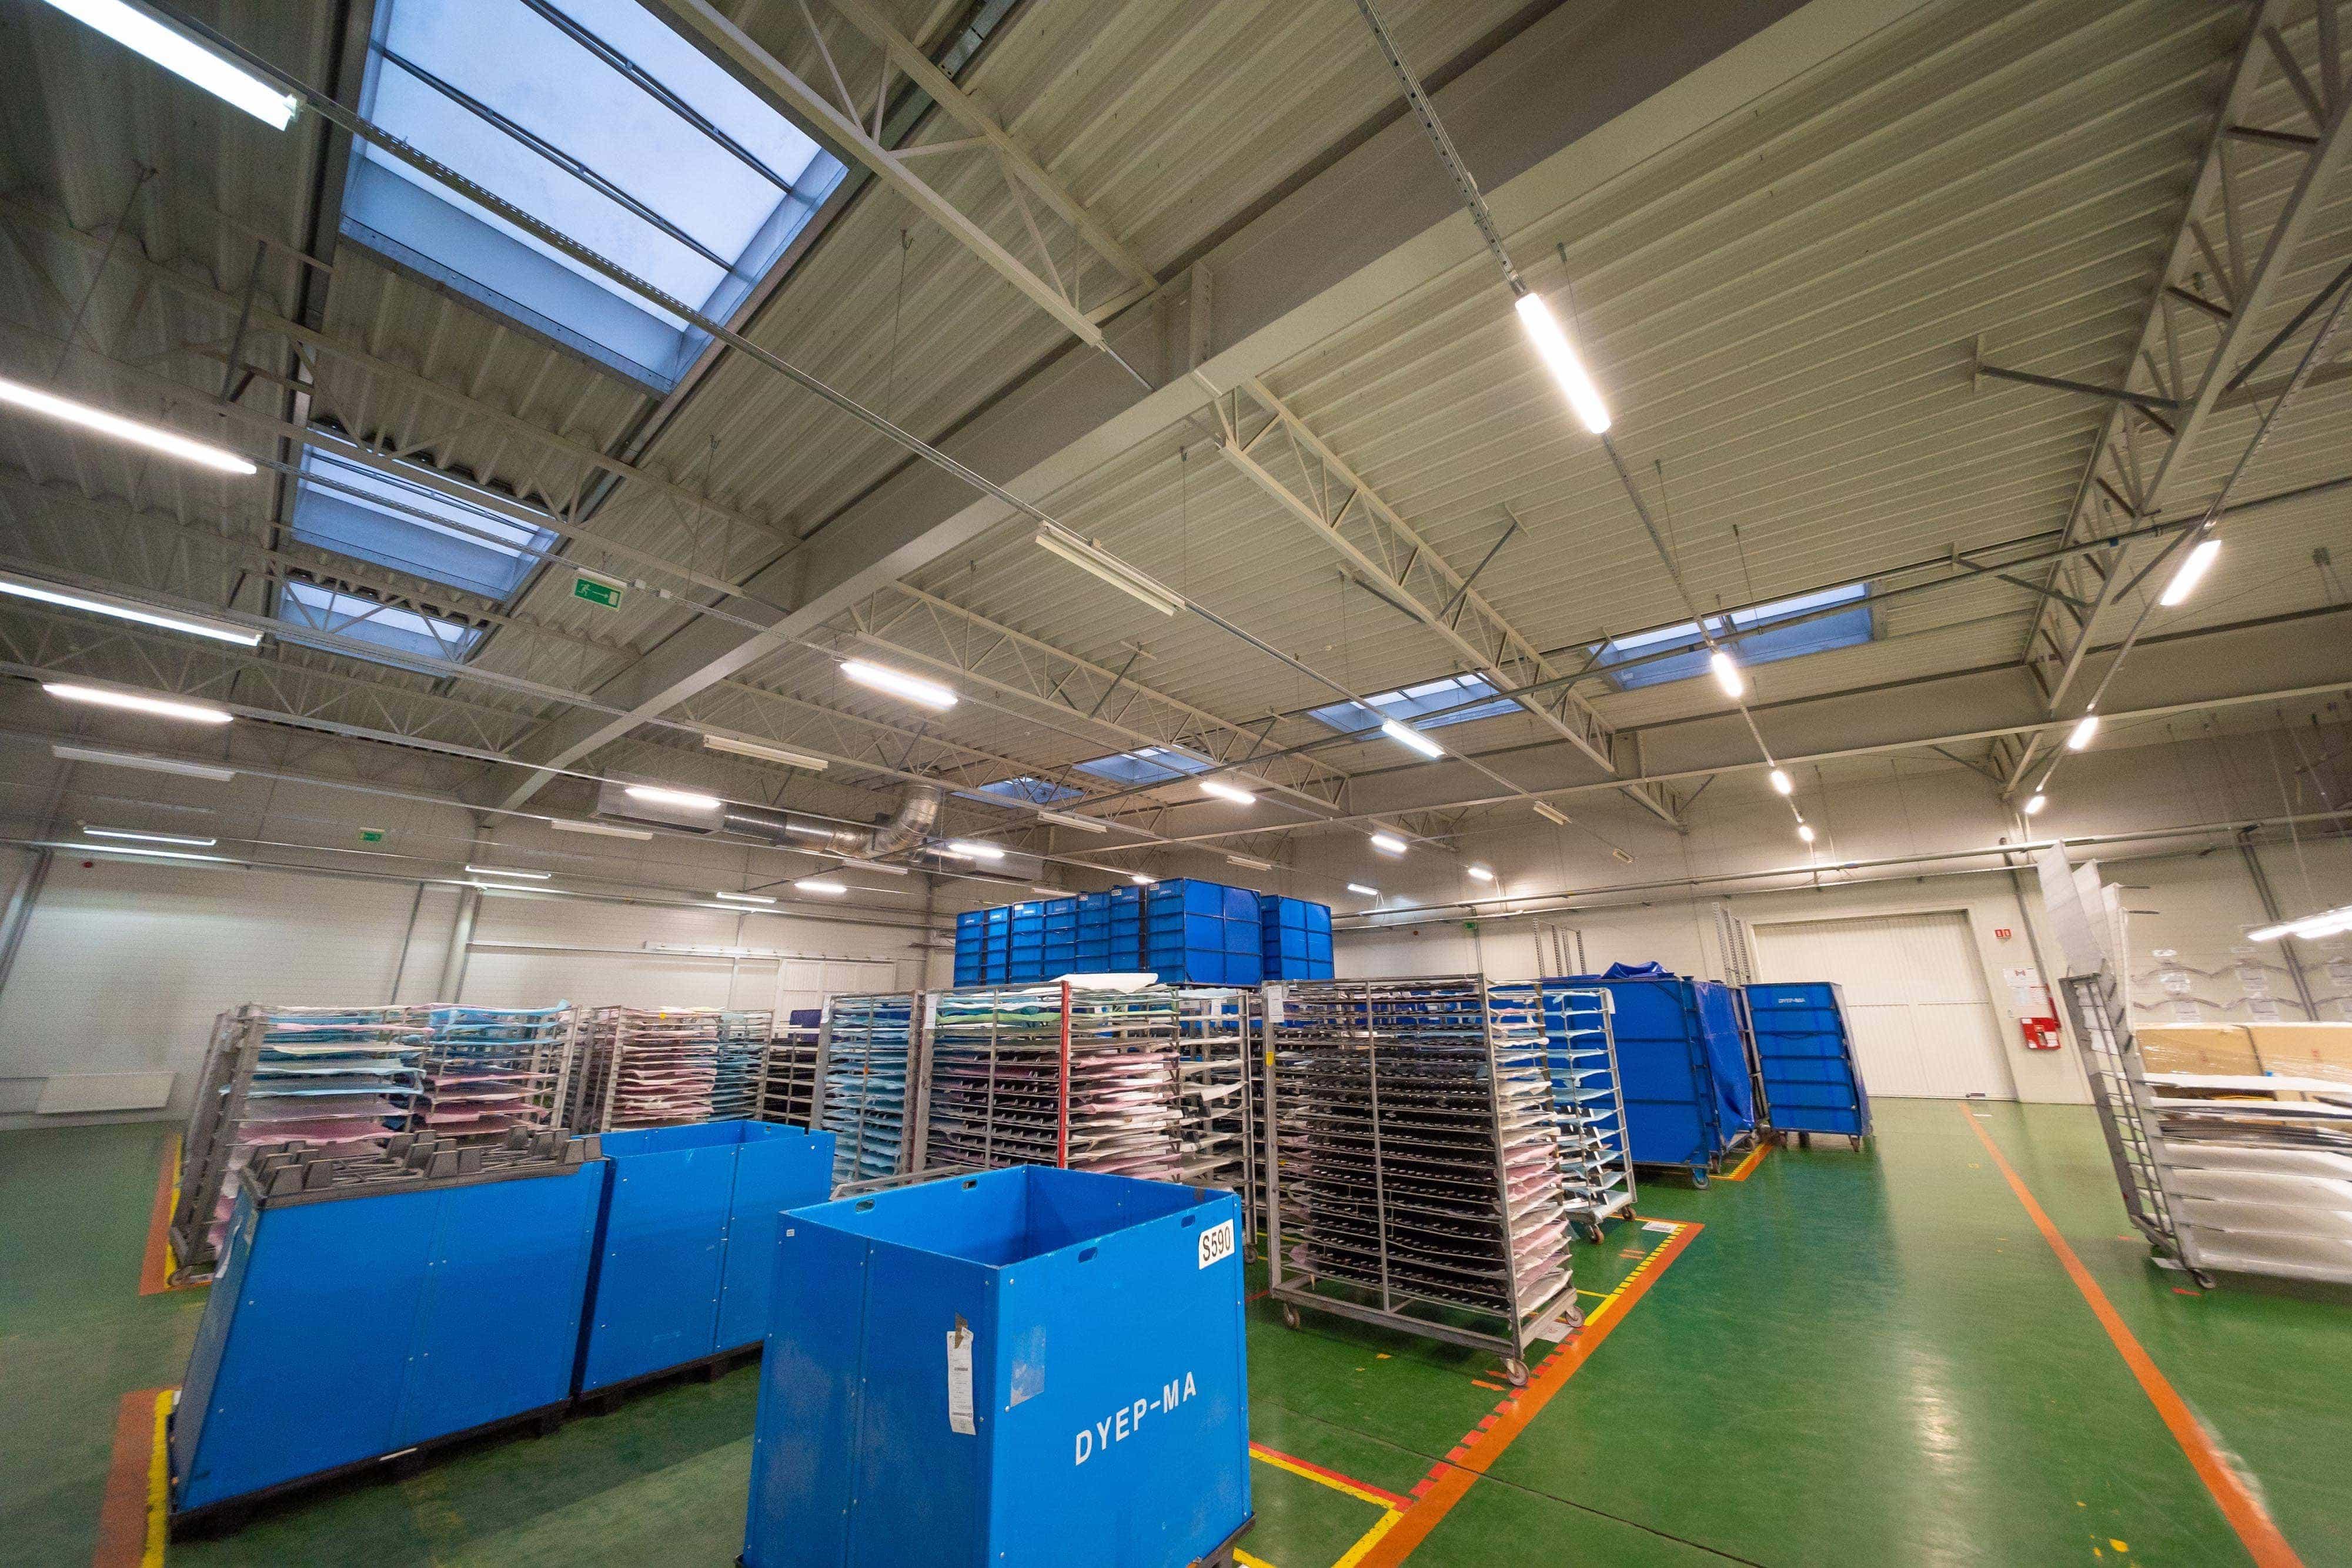 Oprawy Industrial w zmodernizowanych magazynach firmy LG Electronics - Luxon LED